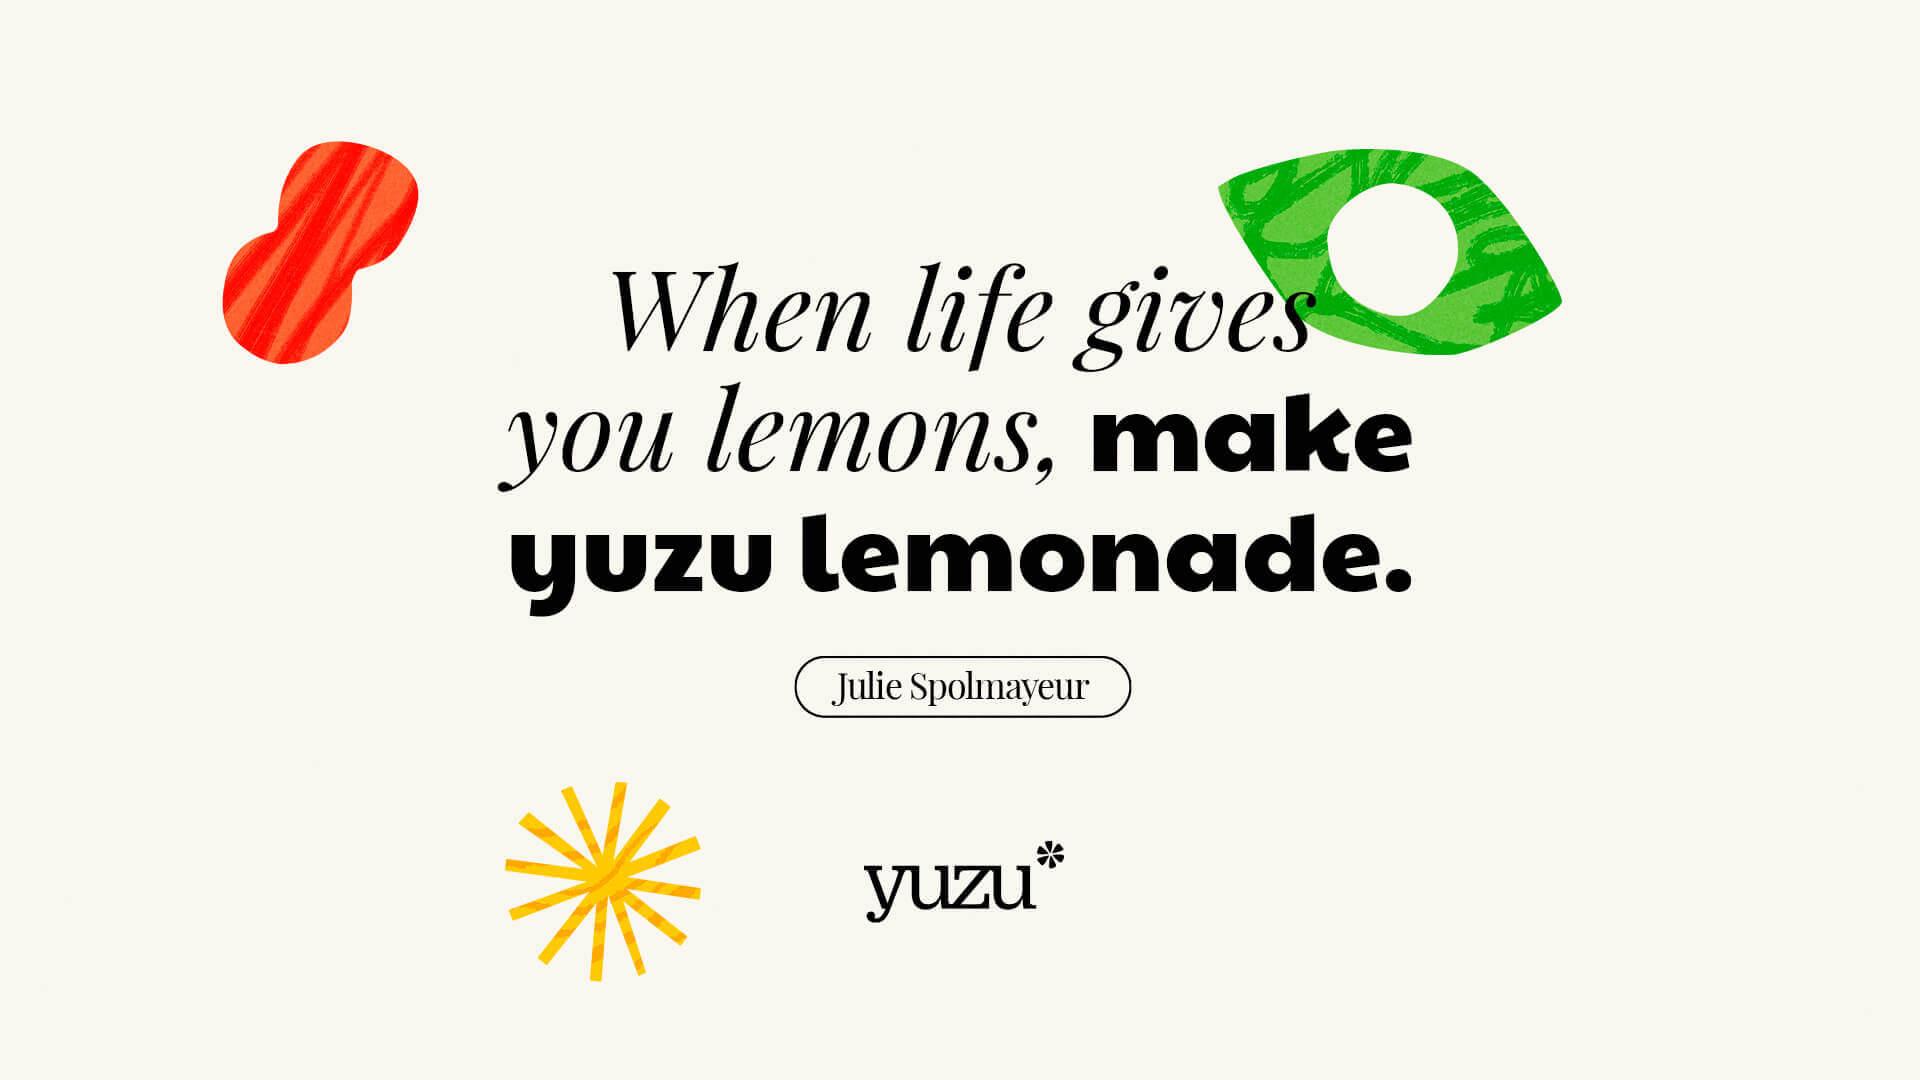 When life gives you lemons make yuzu lemonade